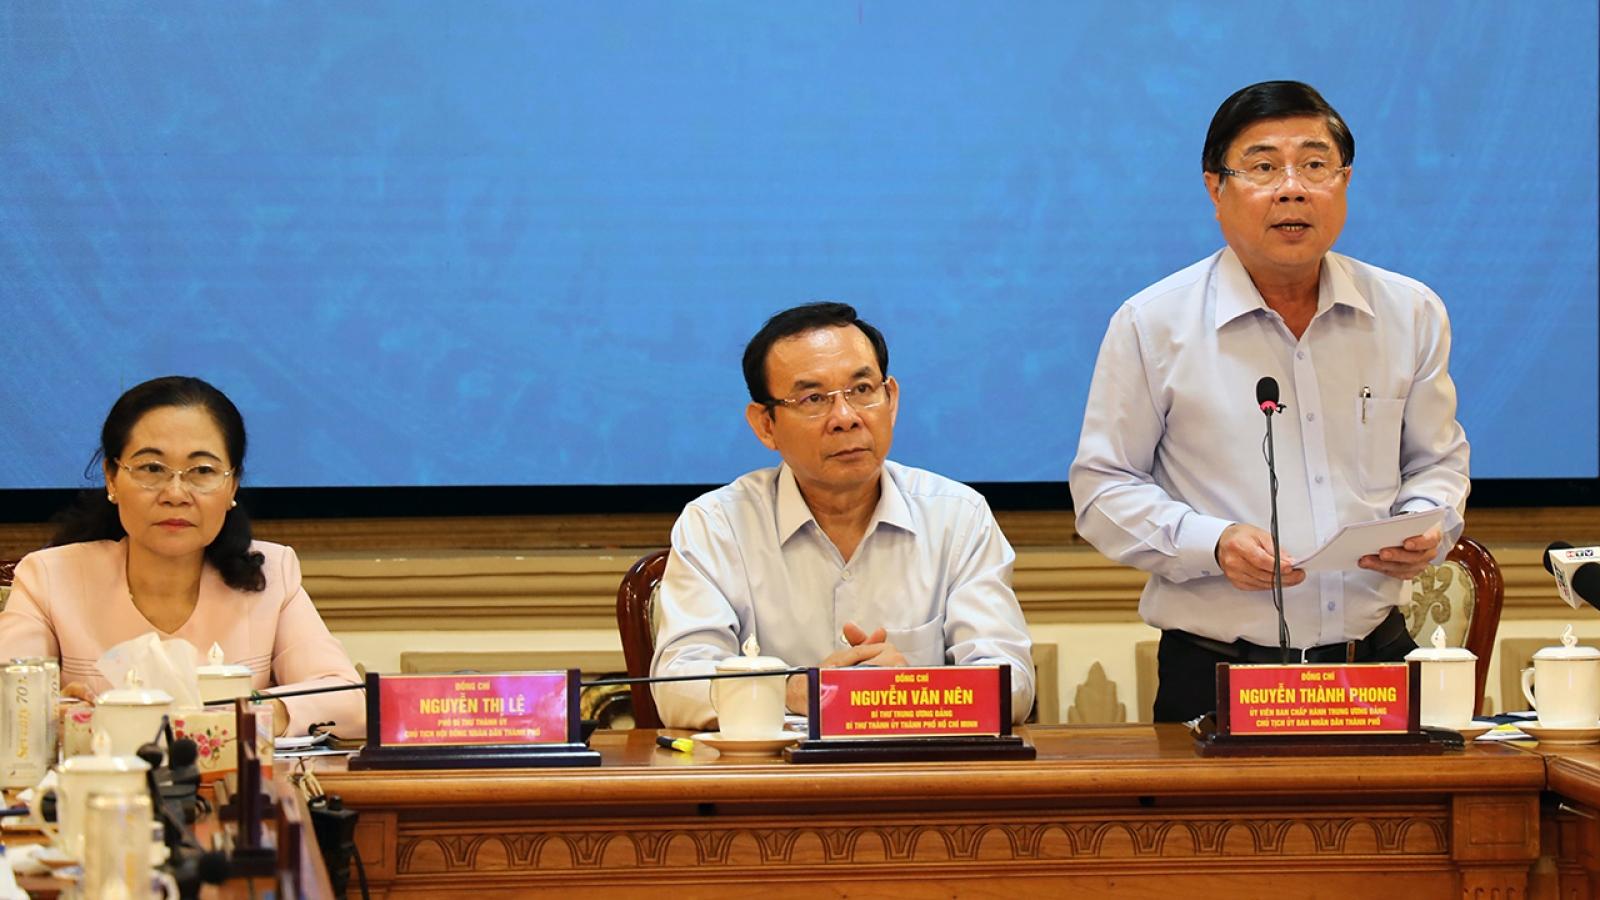 TPHCMkiến nghị Chính phủ sớm ban hành hướng dẫn thực hiện chính quyền đô thị